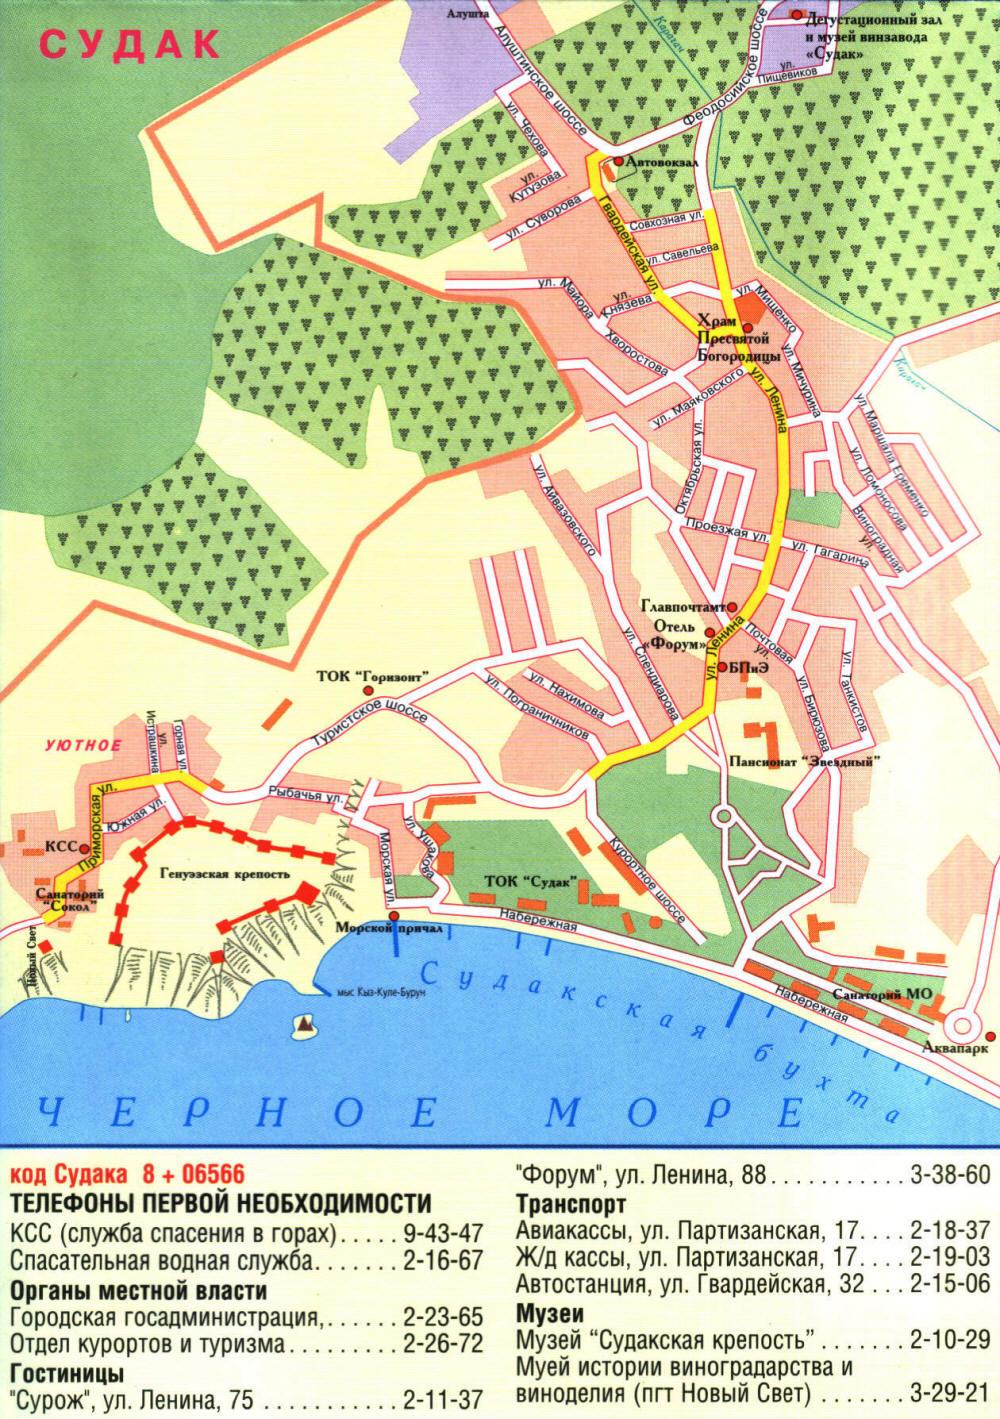 Карта города Судак